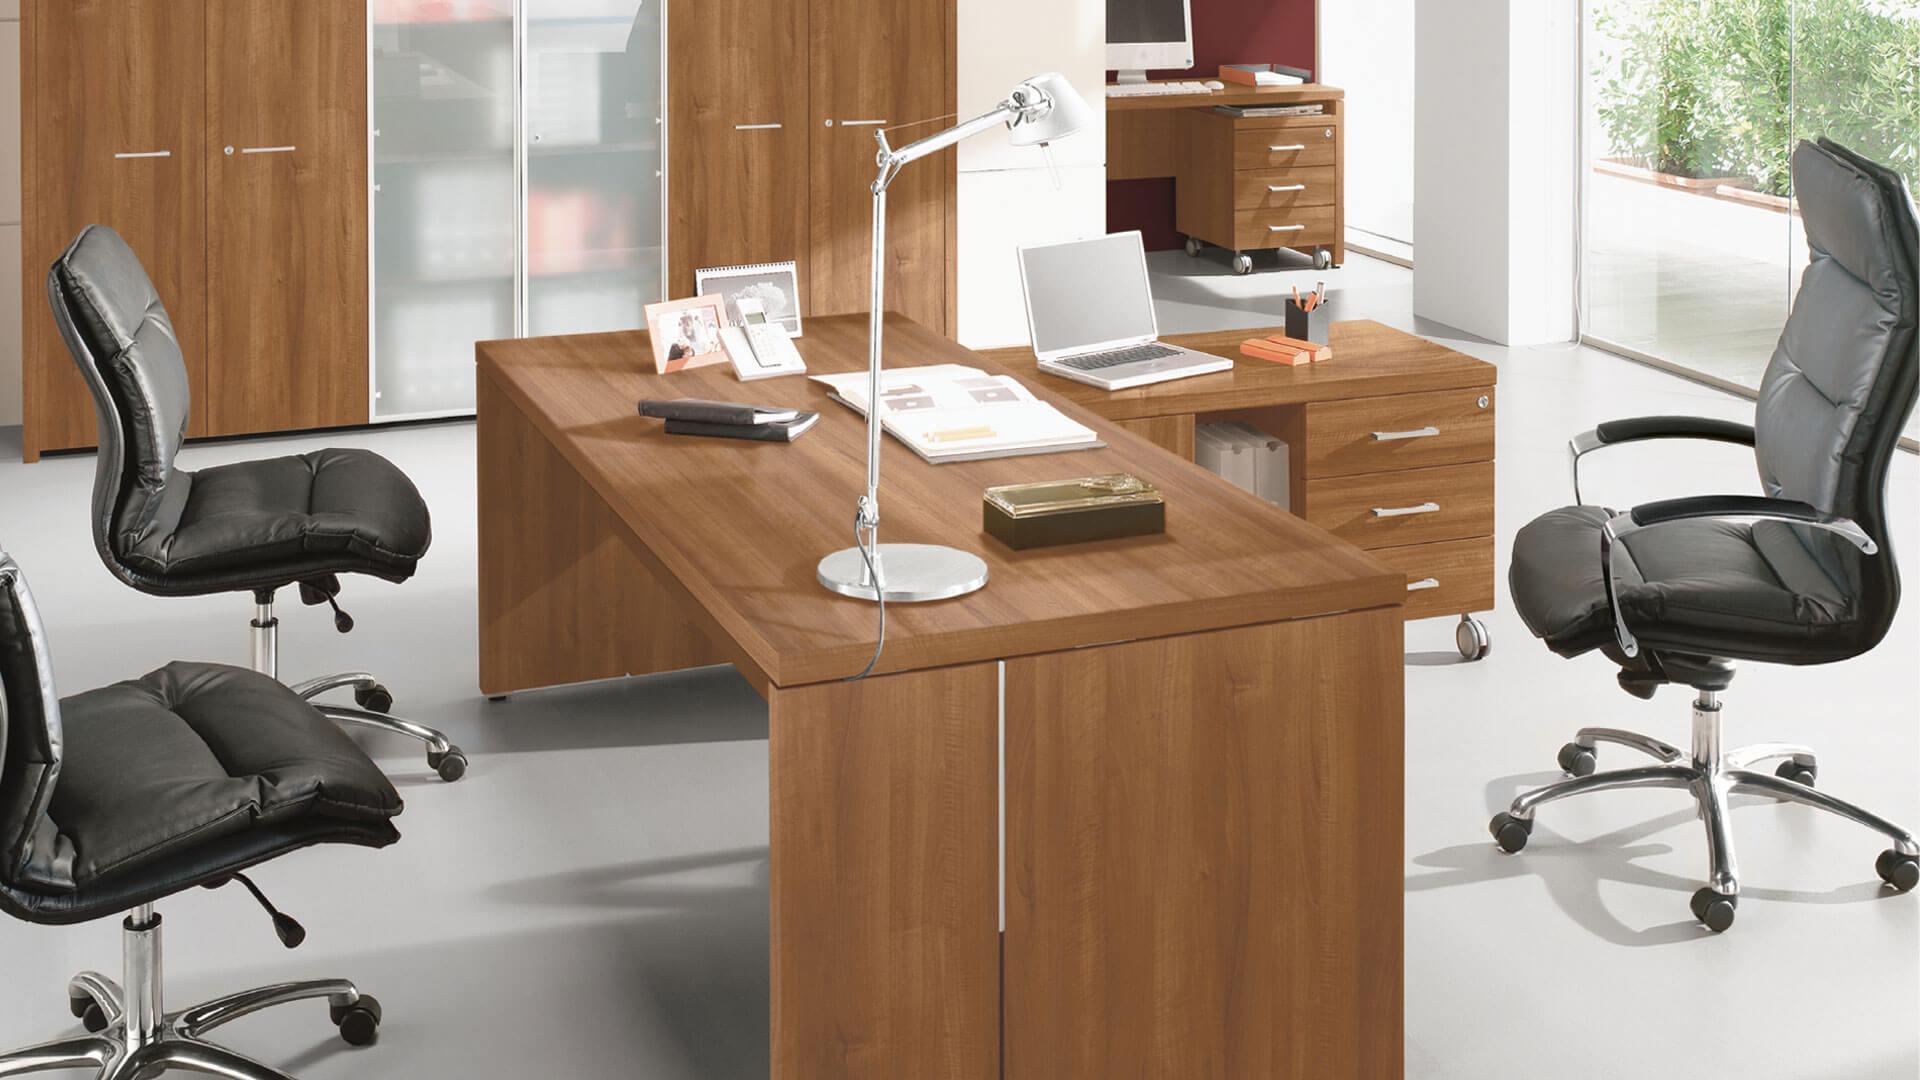 Giannone Computers, Mobili per ufficio, Las, Delta Evo